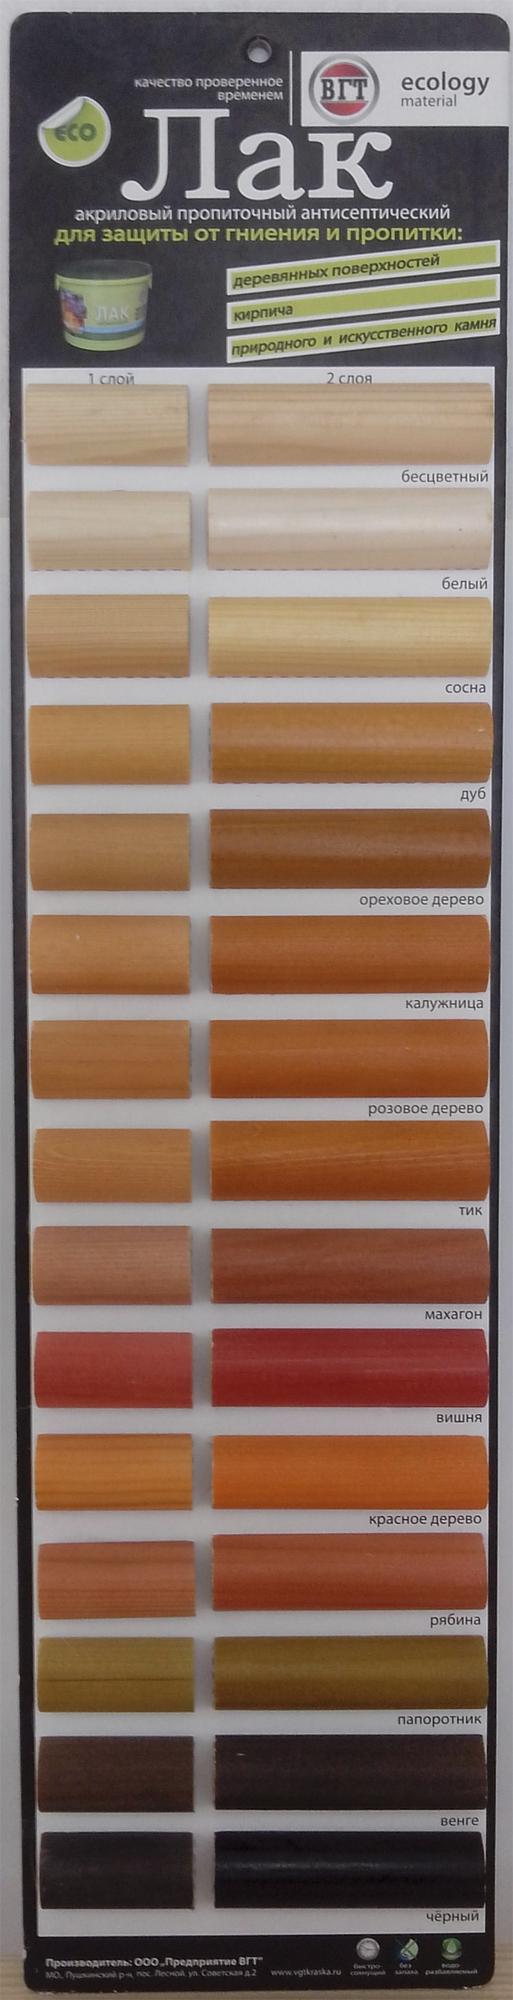 ВГТ Лак акриловый пропиточный антисептический - цветовая гамма